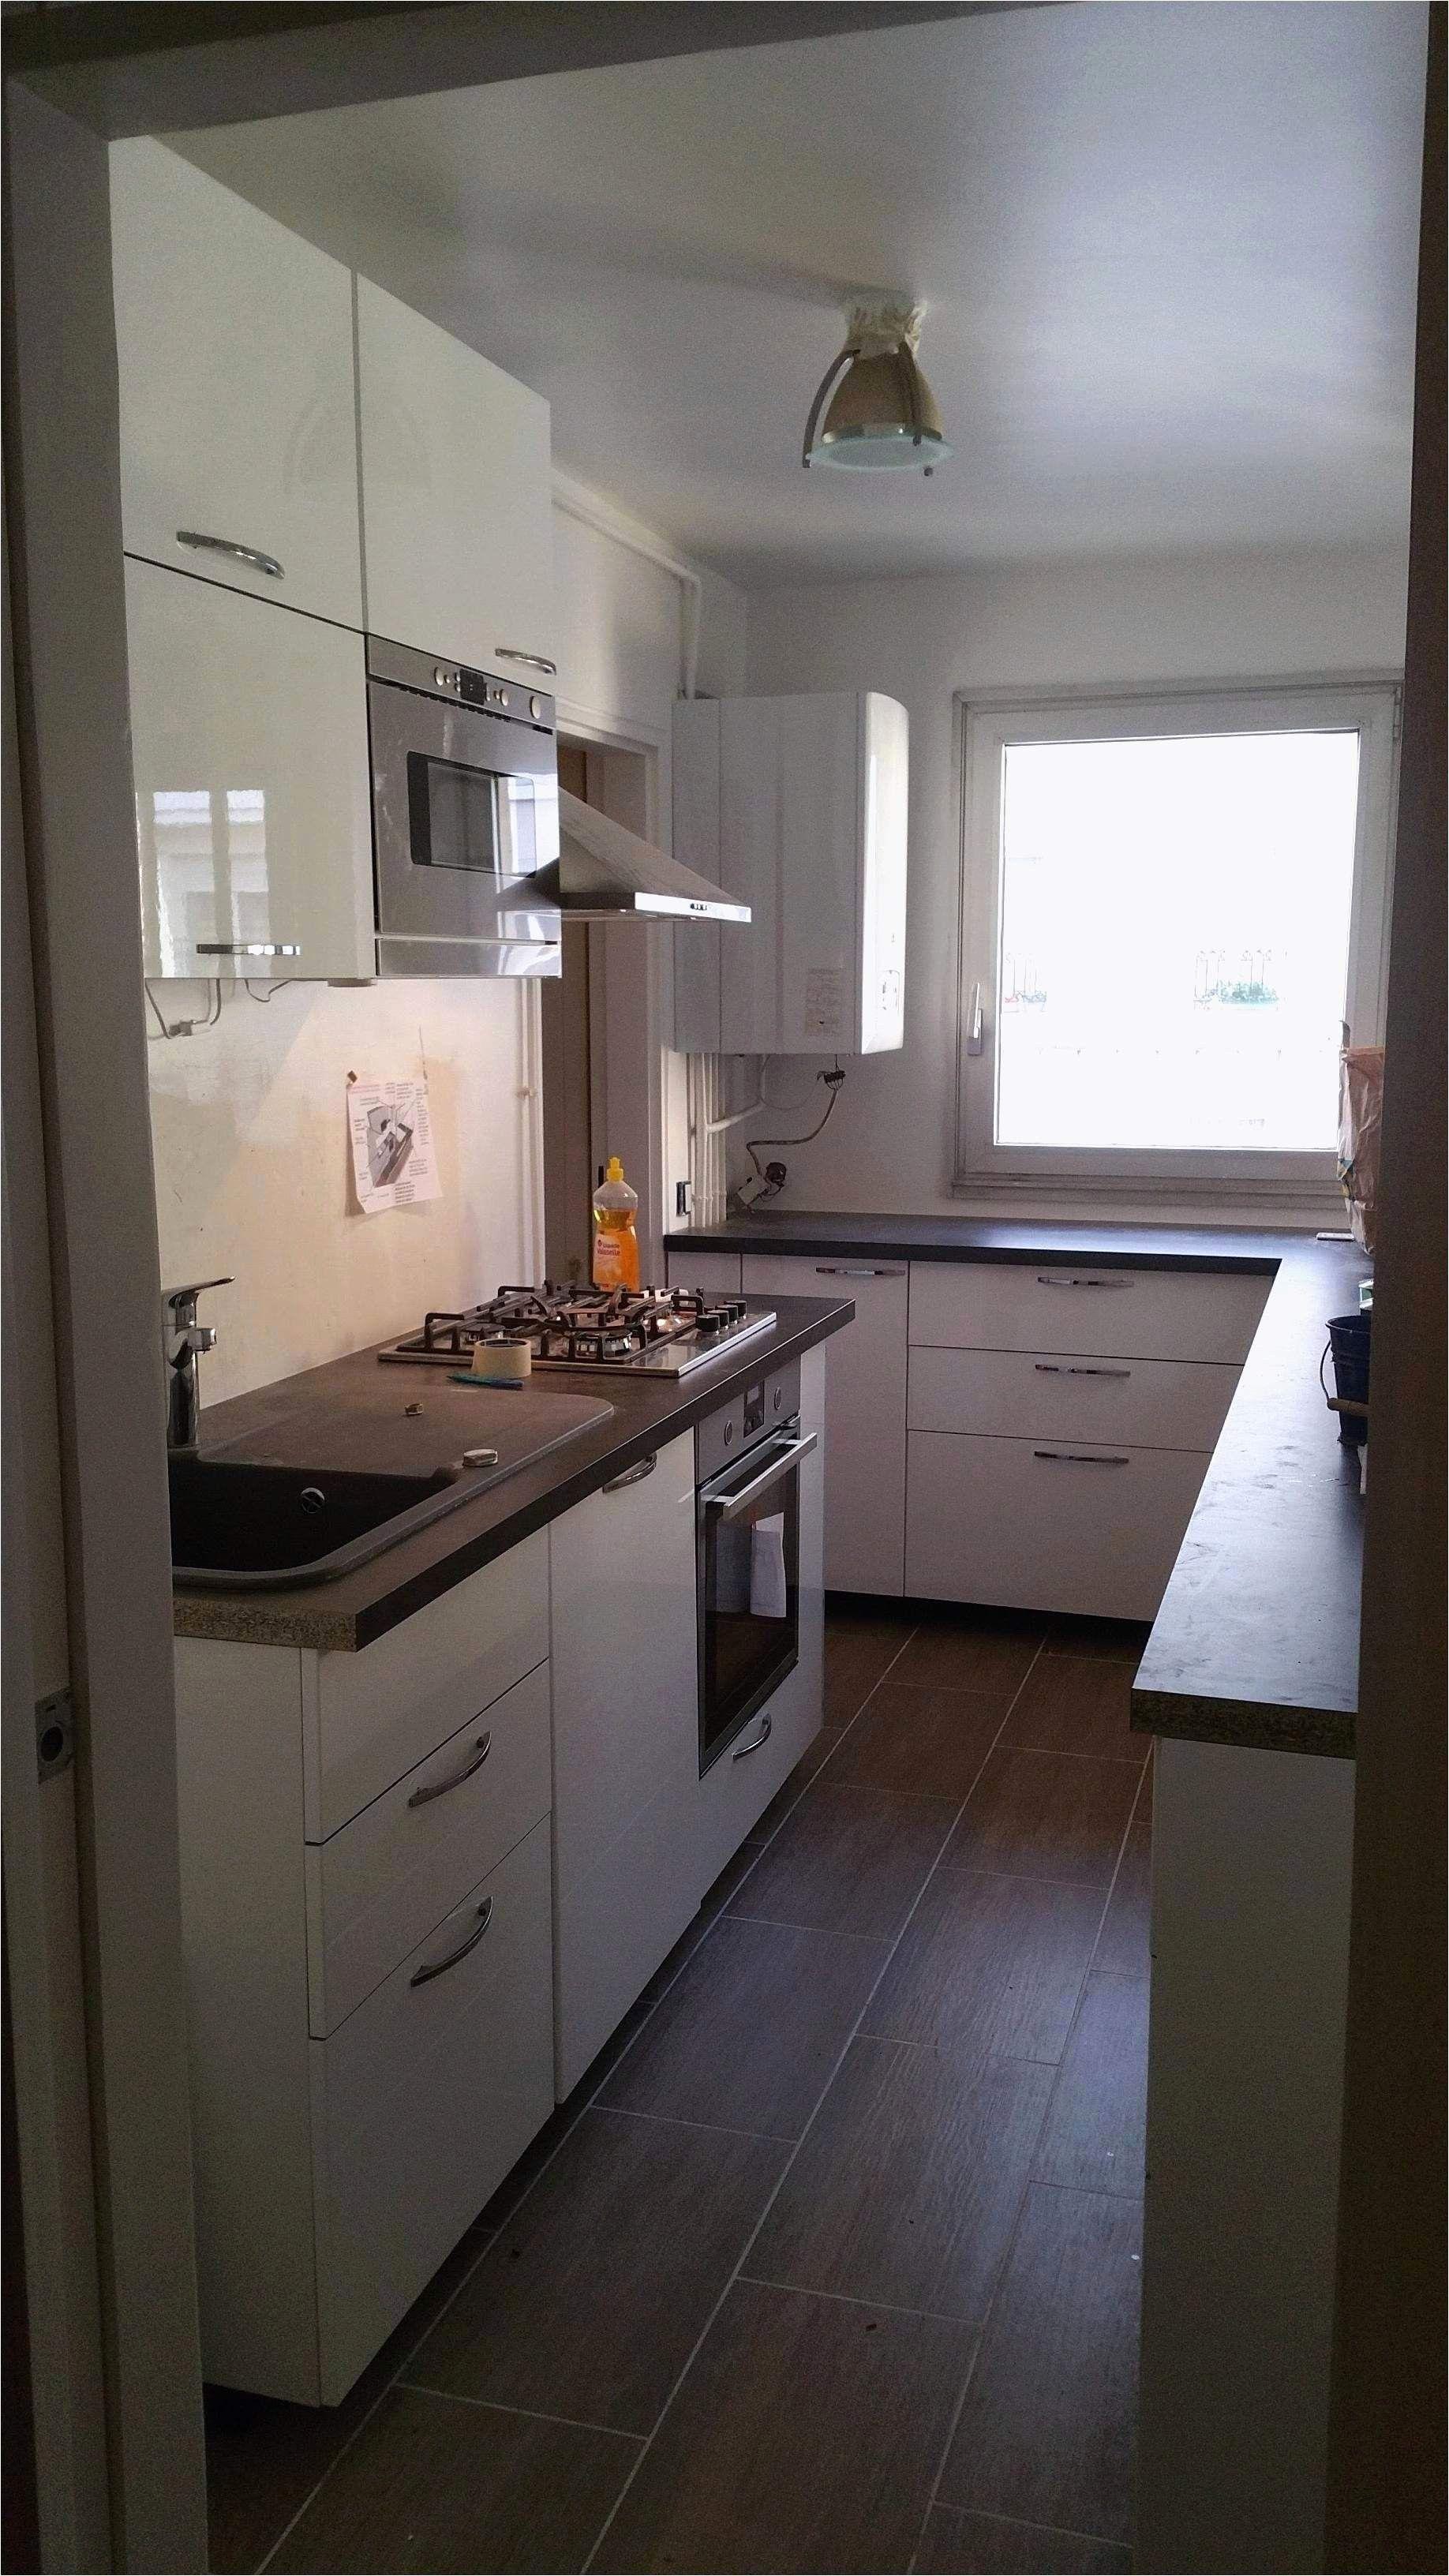 Awesome Simulateur Cuisine Ikea Ikea White Kitchen Cabinets White Kitchen Decor Cuisine Ikea